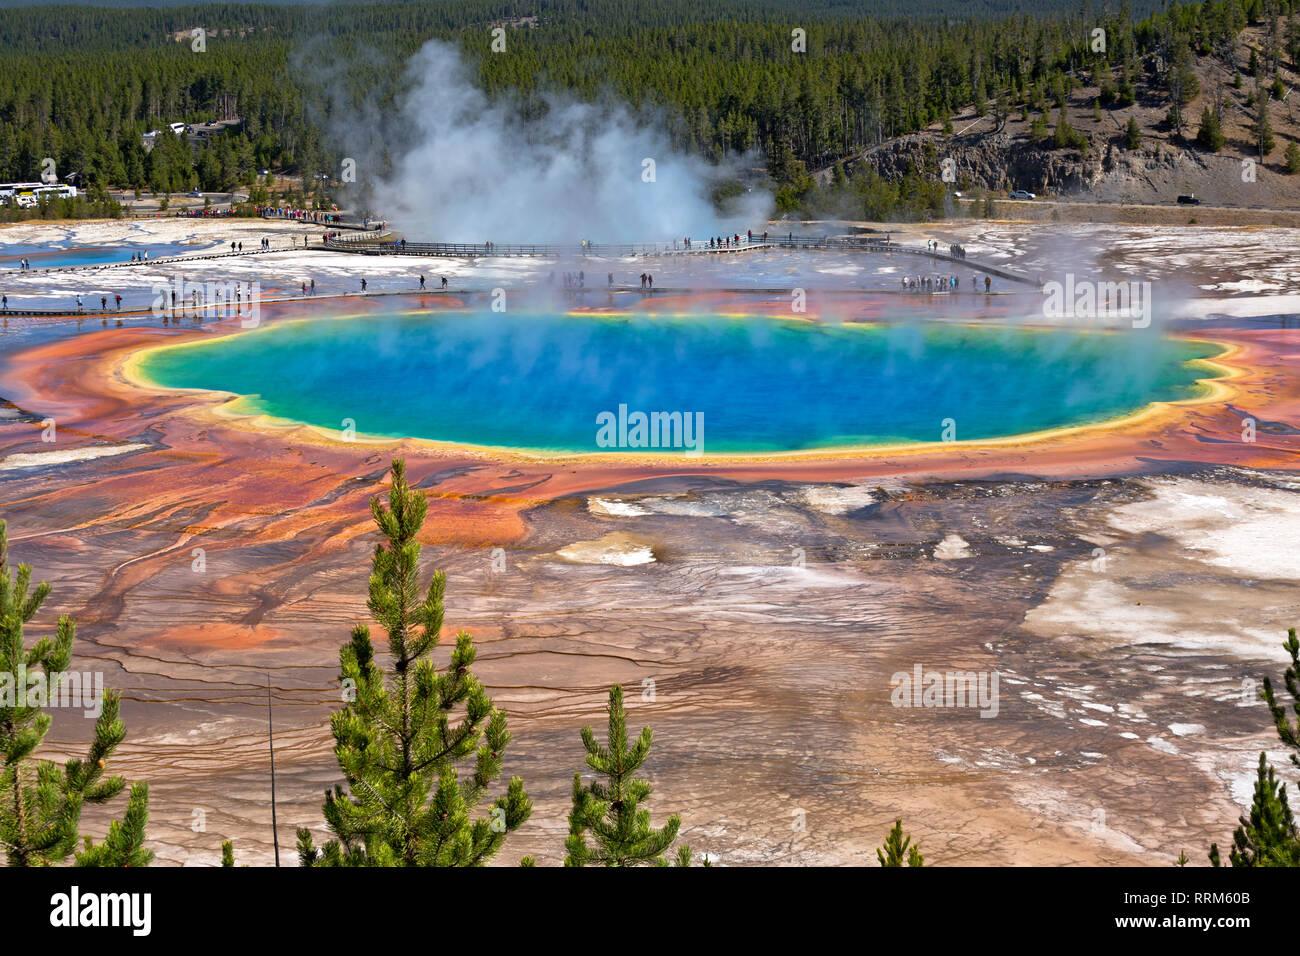 WY03861-00...WYOMING - Le Grand Prismatic Spring colorés Midway Geyser Basin dans le Parc National de Yellowstone. Banque D'Images